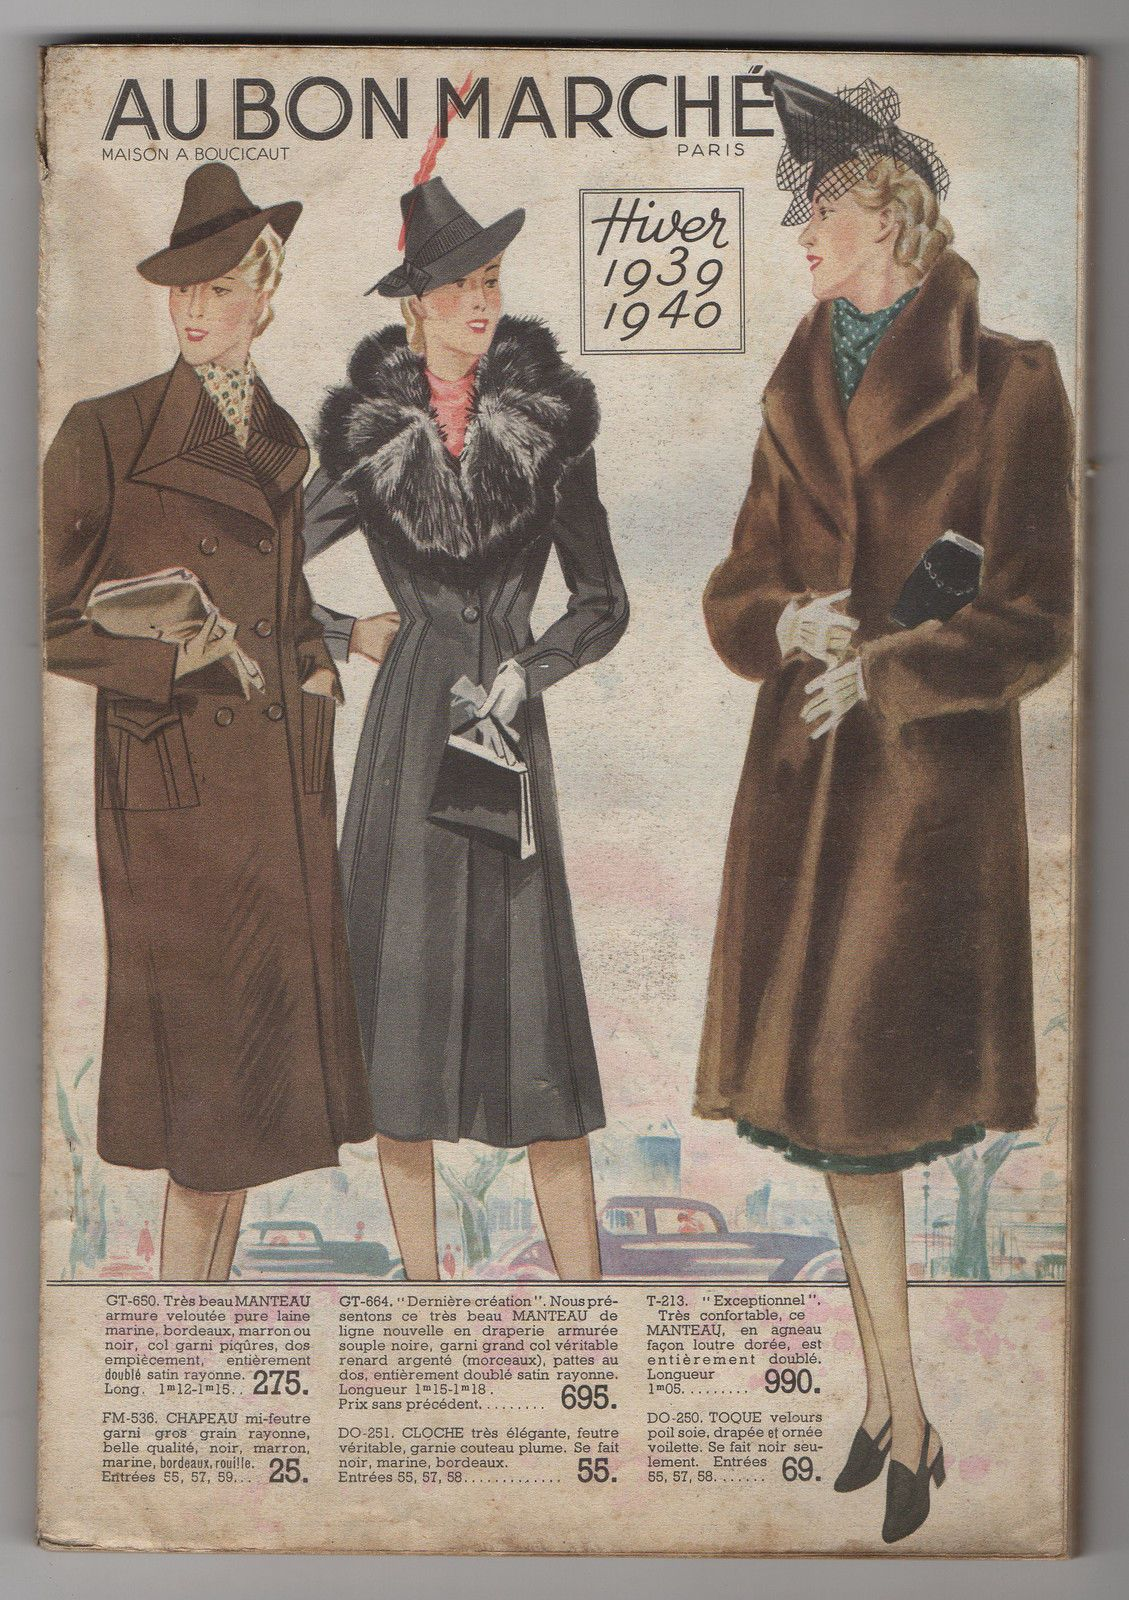 catalogue au bon market paris winter 1939 1940 fashion house boucicaut ebay les catalogues. Black Bedroom Furniture Sets. Home Design Ideas